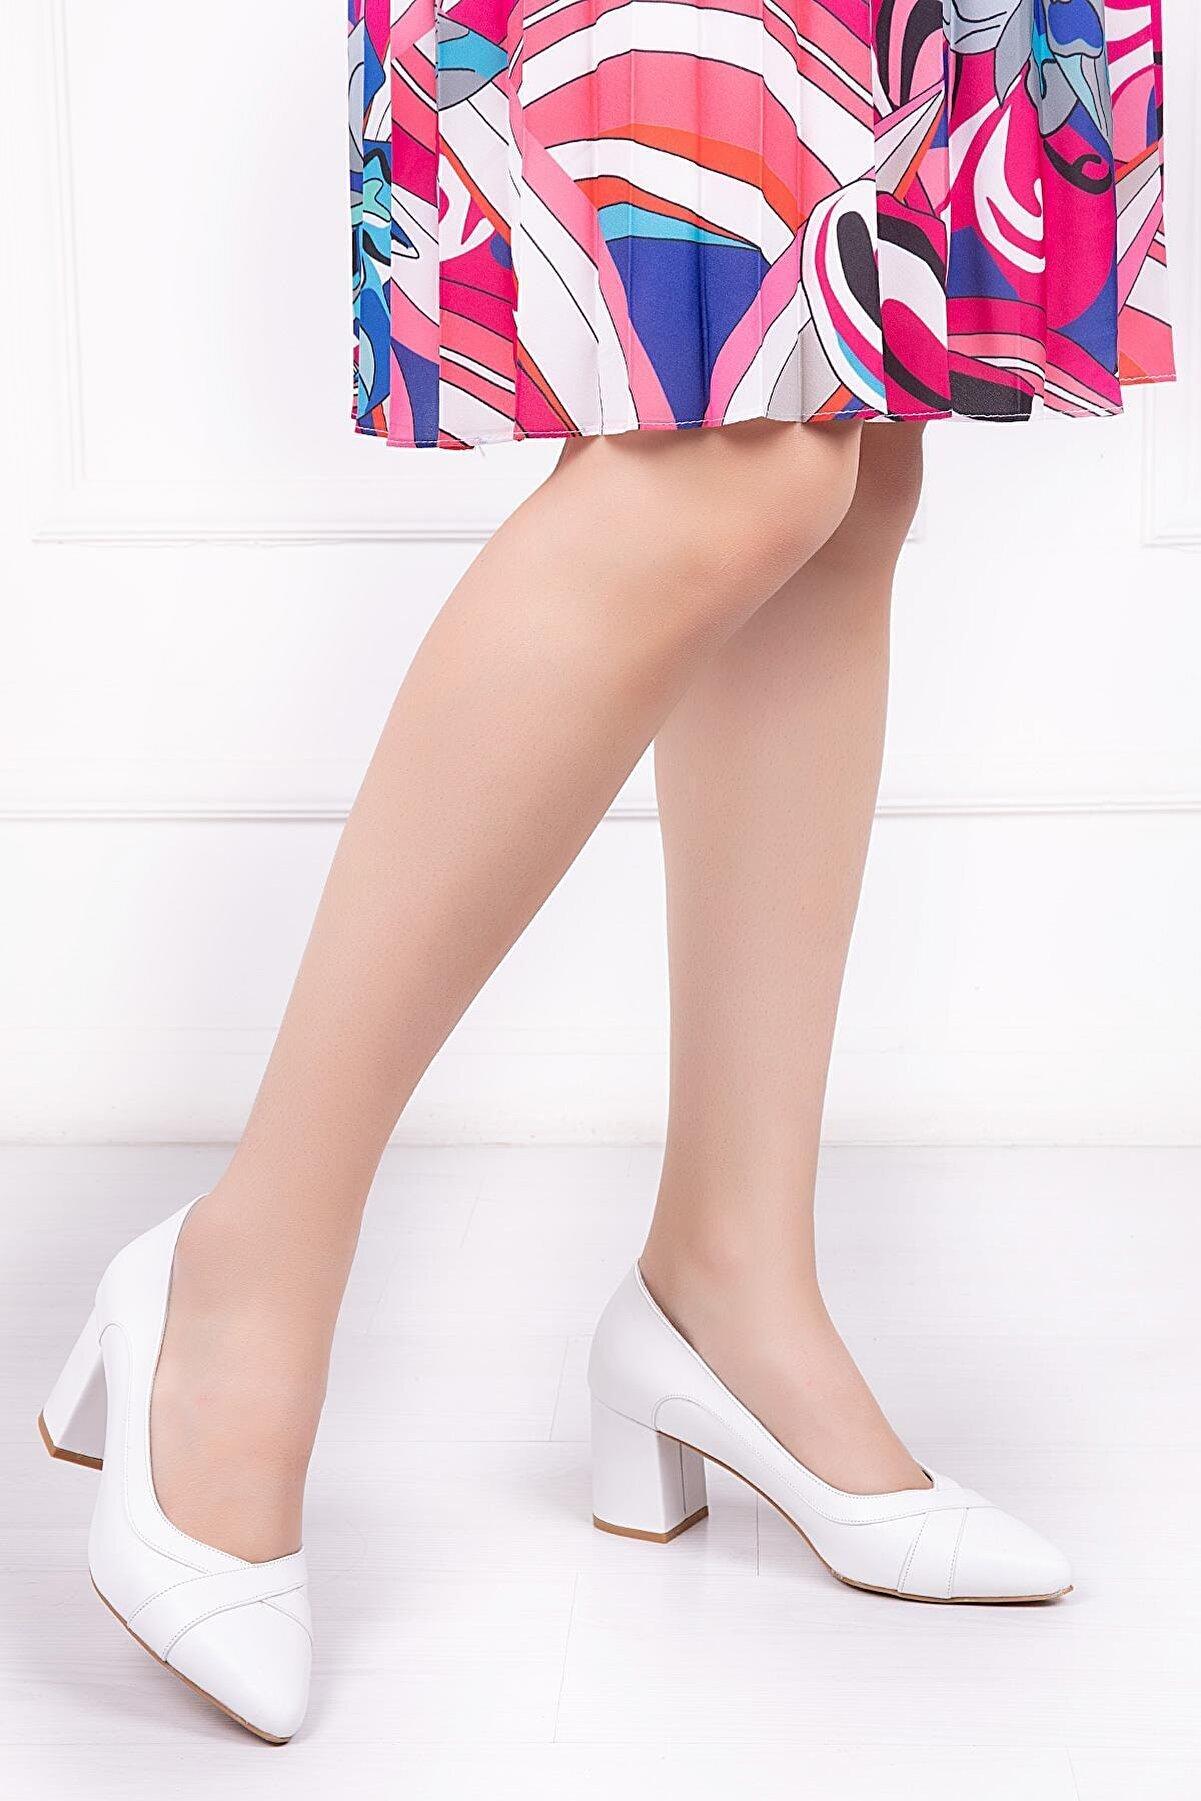 Deripabuc Hakiki Deri Beyaz Kadın Topuklu Deri Ayakkabı Shn-0722